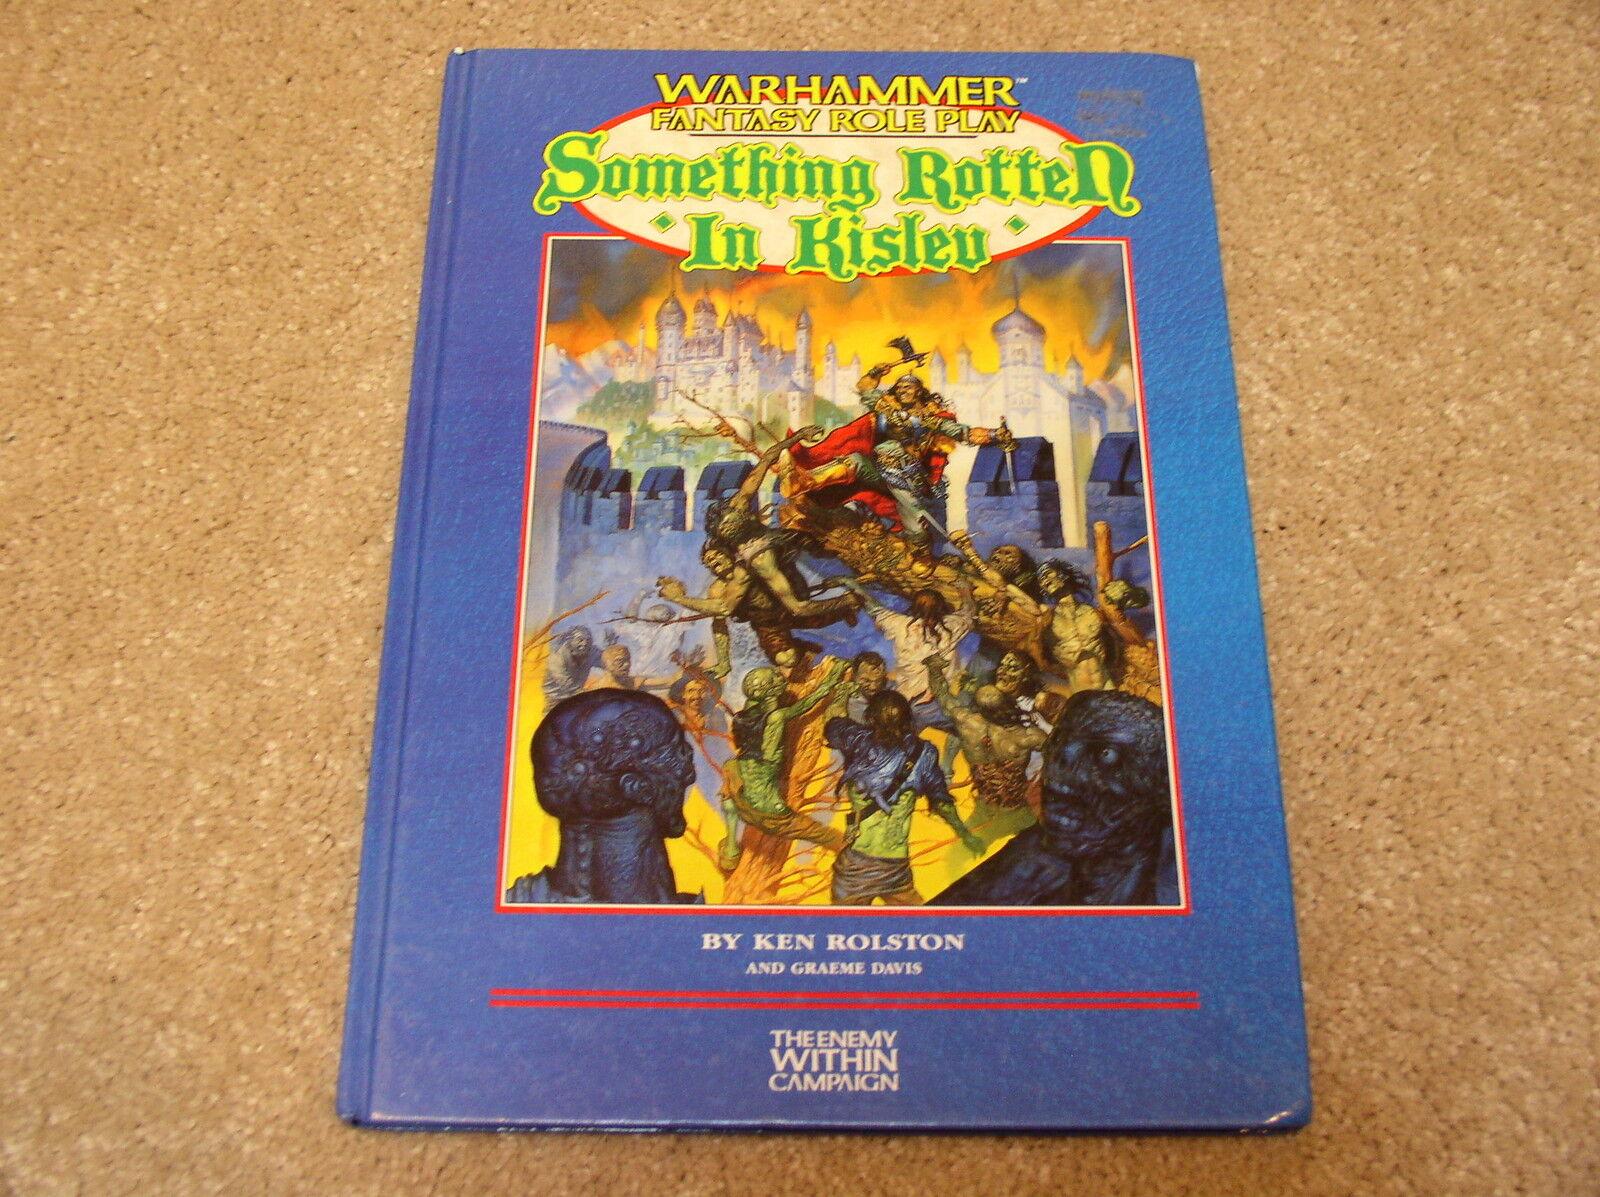 Games Workshop Warhammer Fantasy Roleplay Something redten in Kislev hardcover